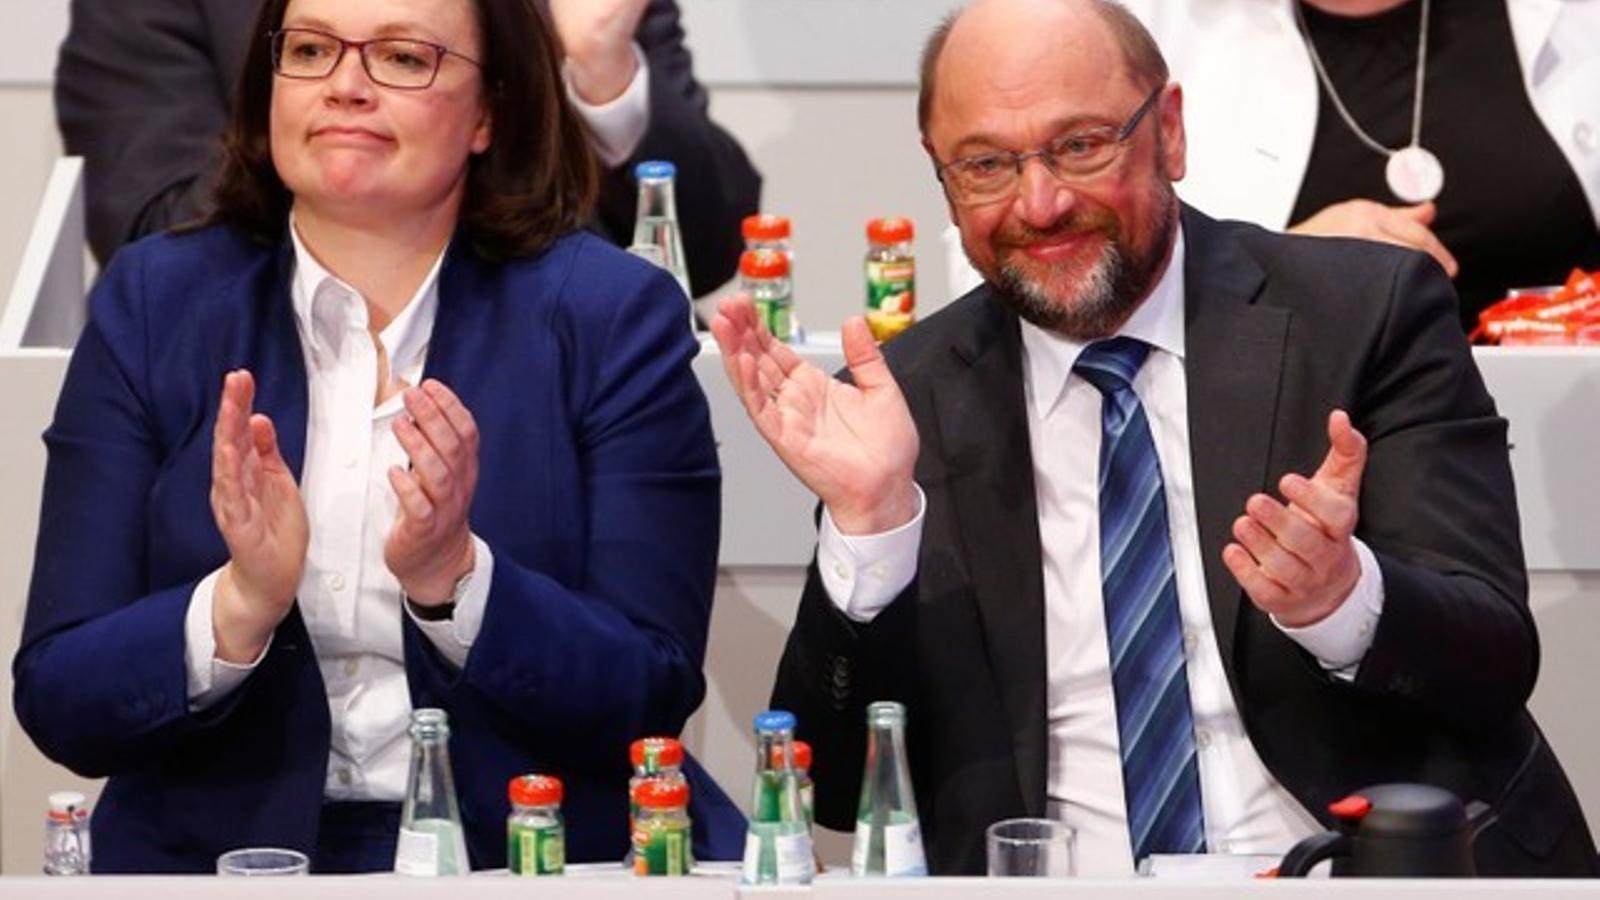 Els socialdemòcrates alemanys donen llum verda a la gran coalició amb Merkel